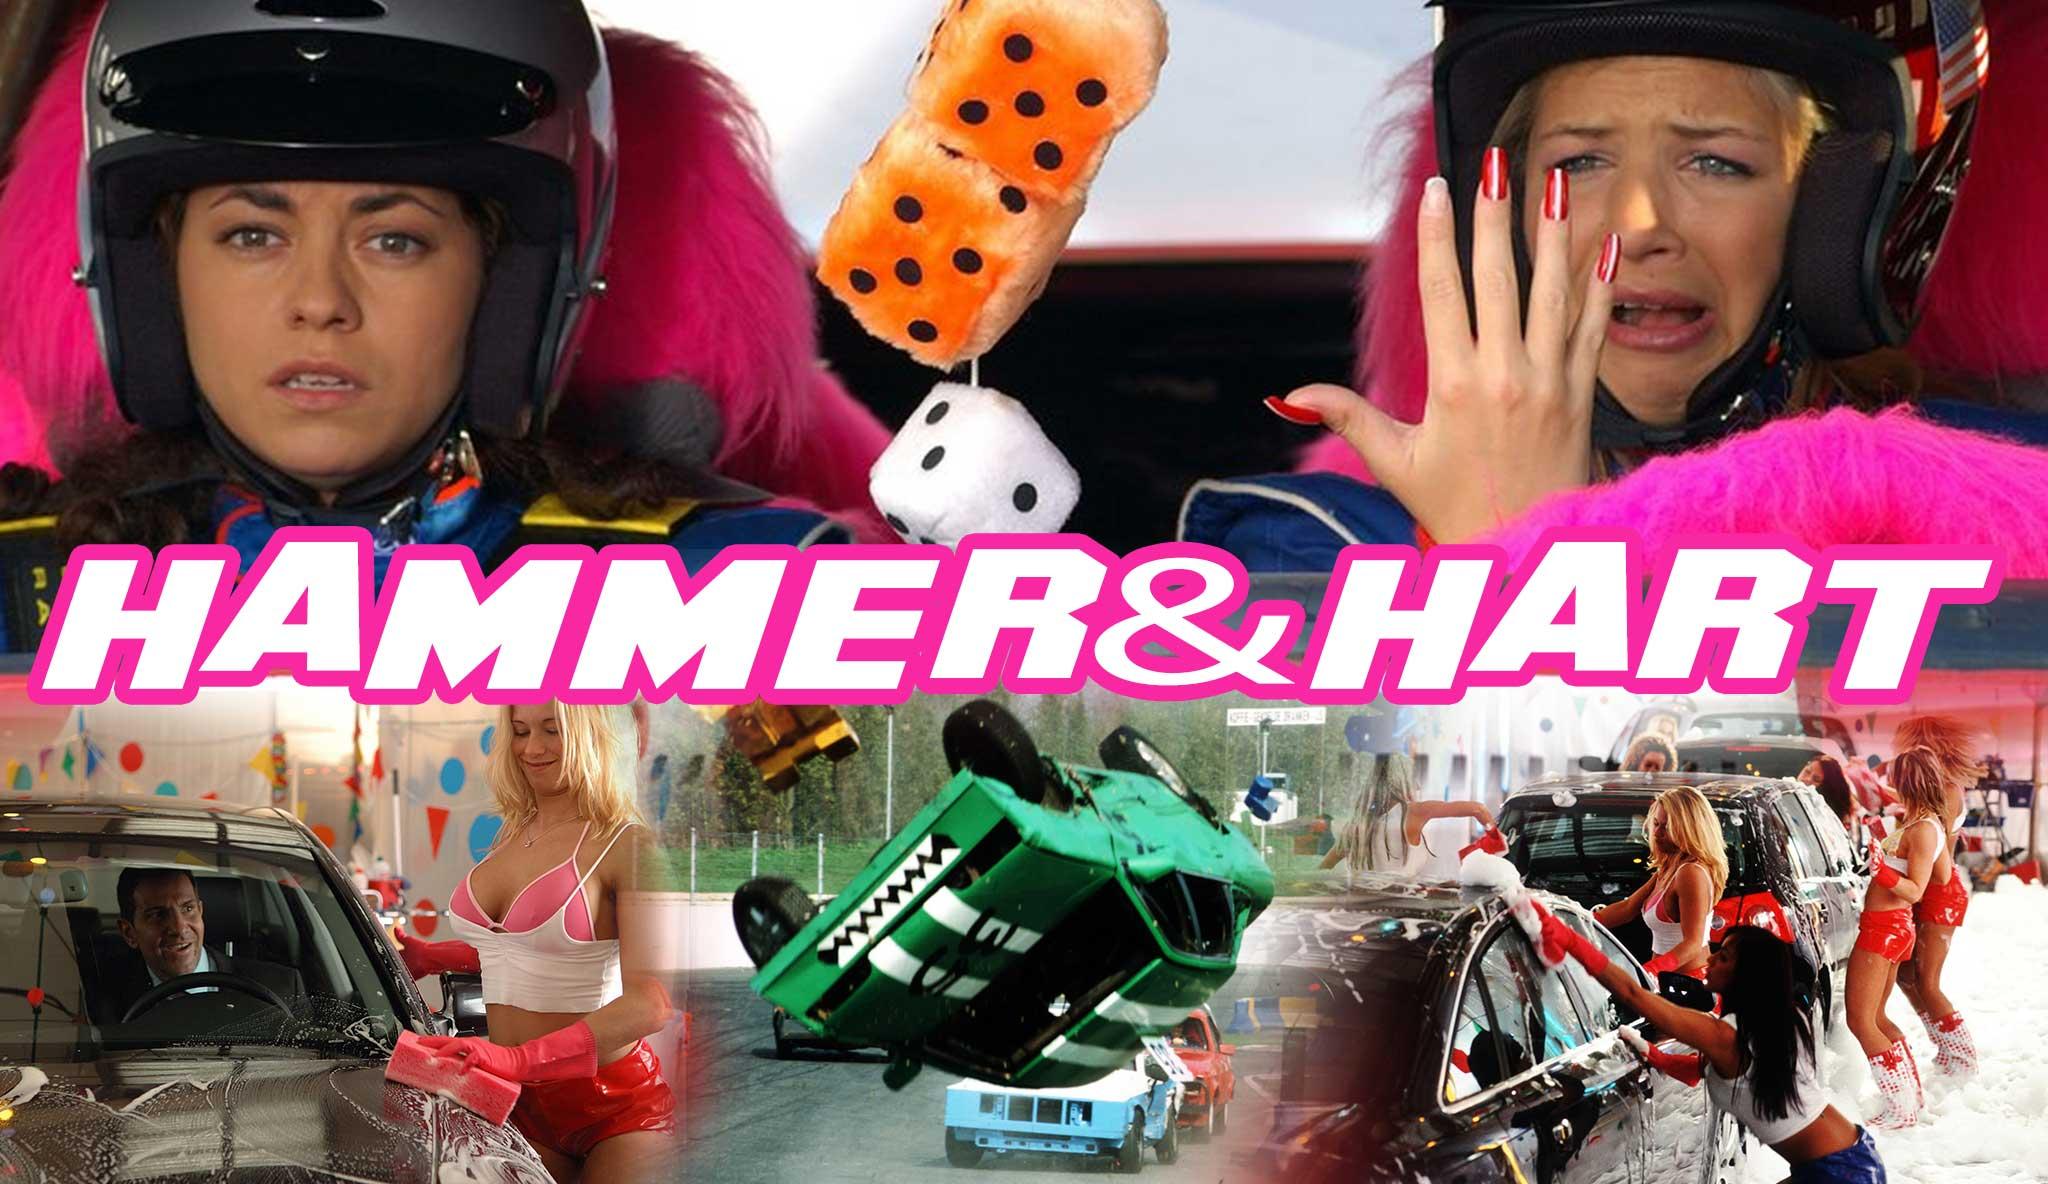 hammerhart\header.jpg